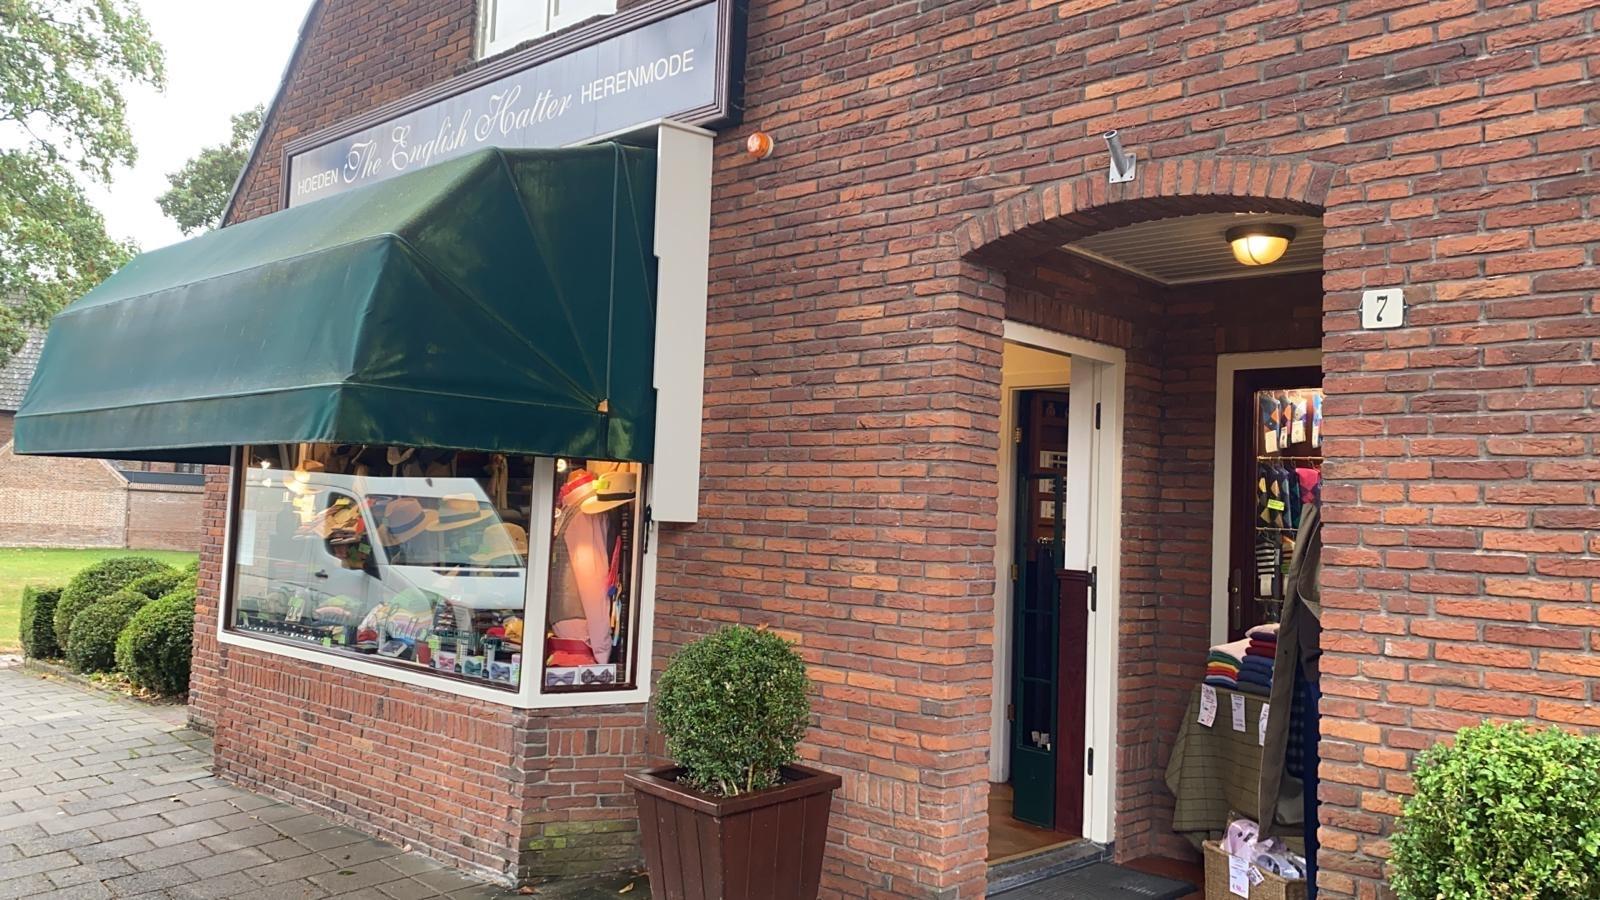 Laren, Naarderstraat